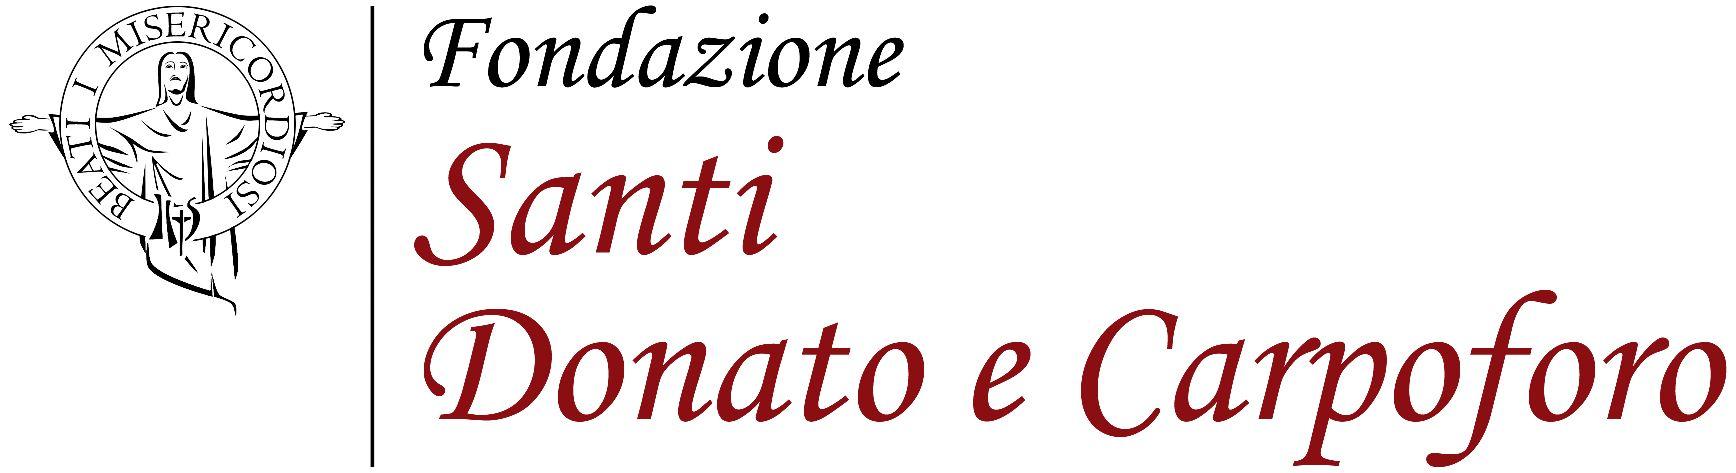 Fondazione Santi Donato e Carpoforo